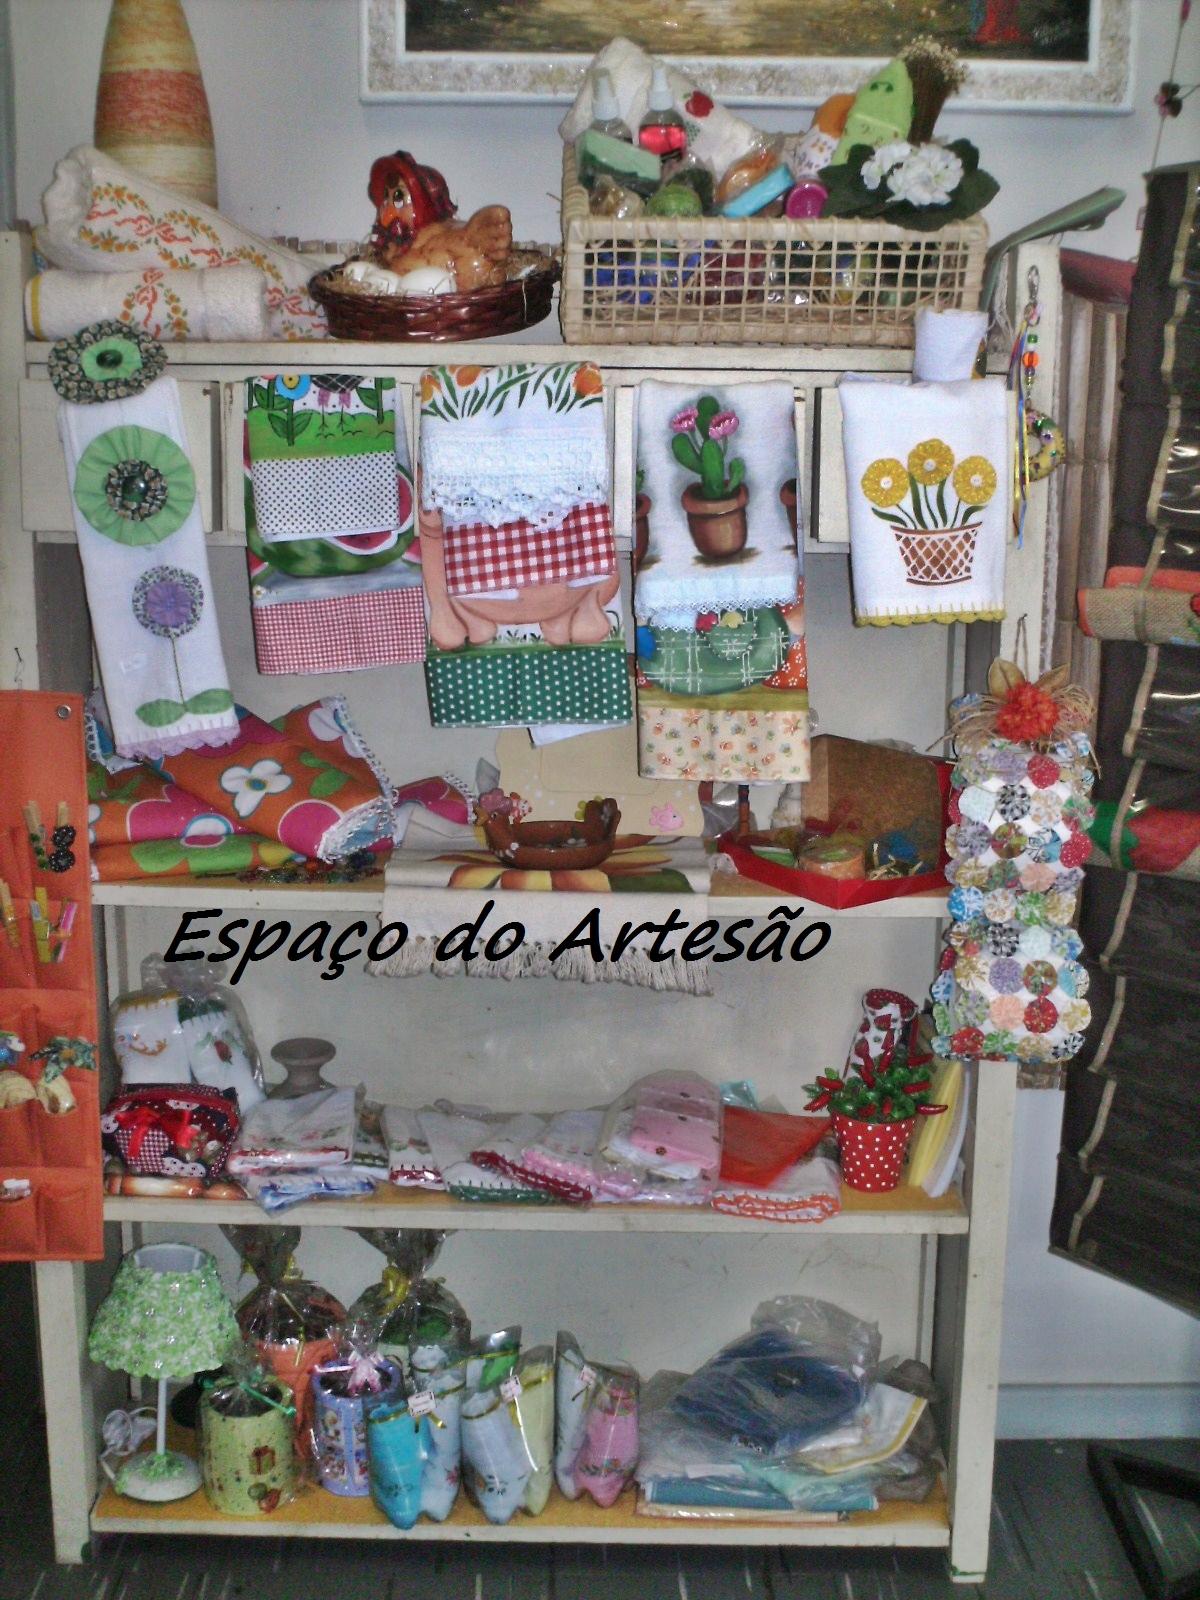 Armario Rinconera Conforama ~ Visite e descubra Niterói Espaço do Artes u00e3o